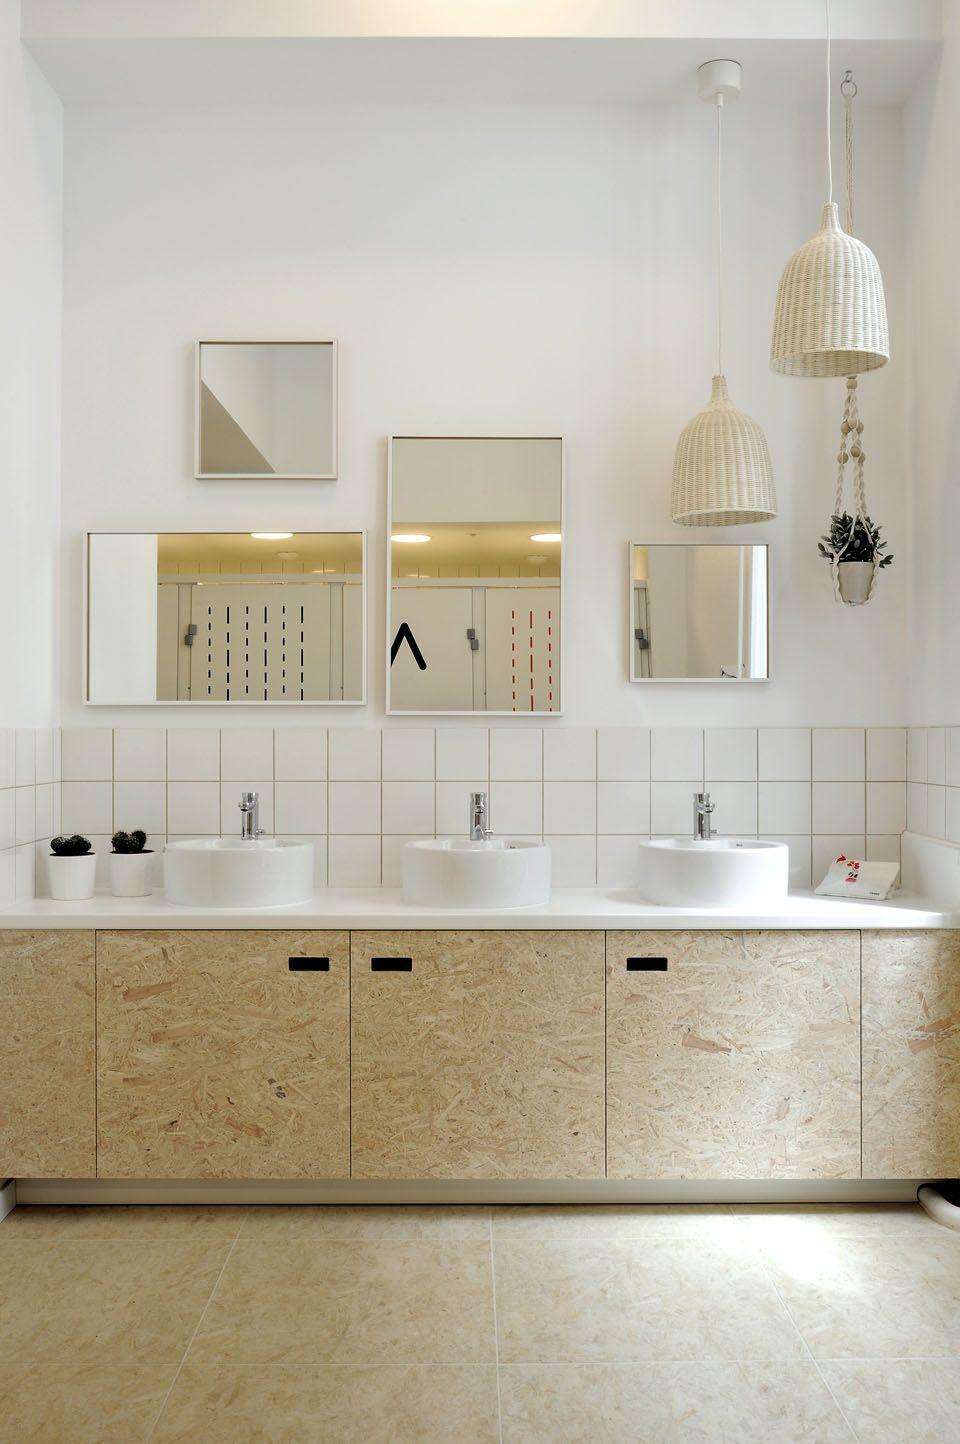 Hot spot lyonnais  Idée salle de bain, Idées salle de bain, Deco